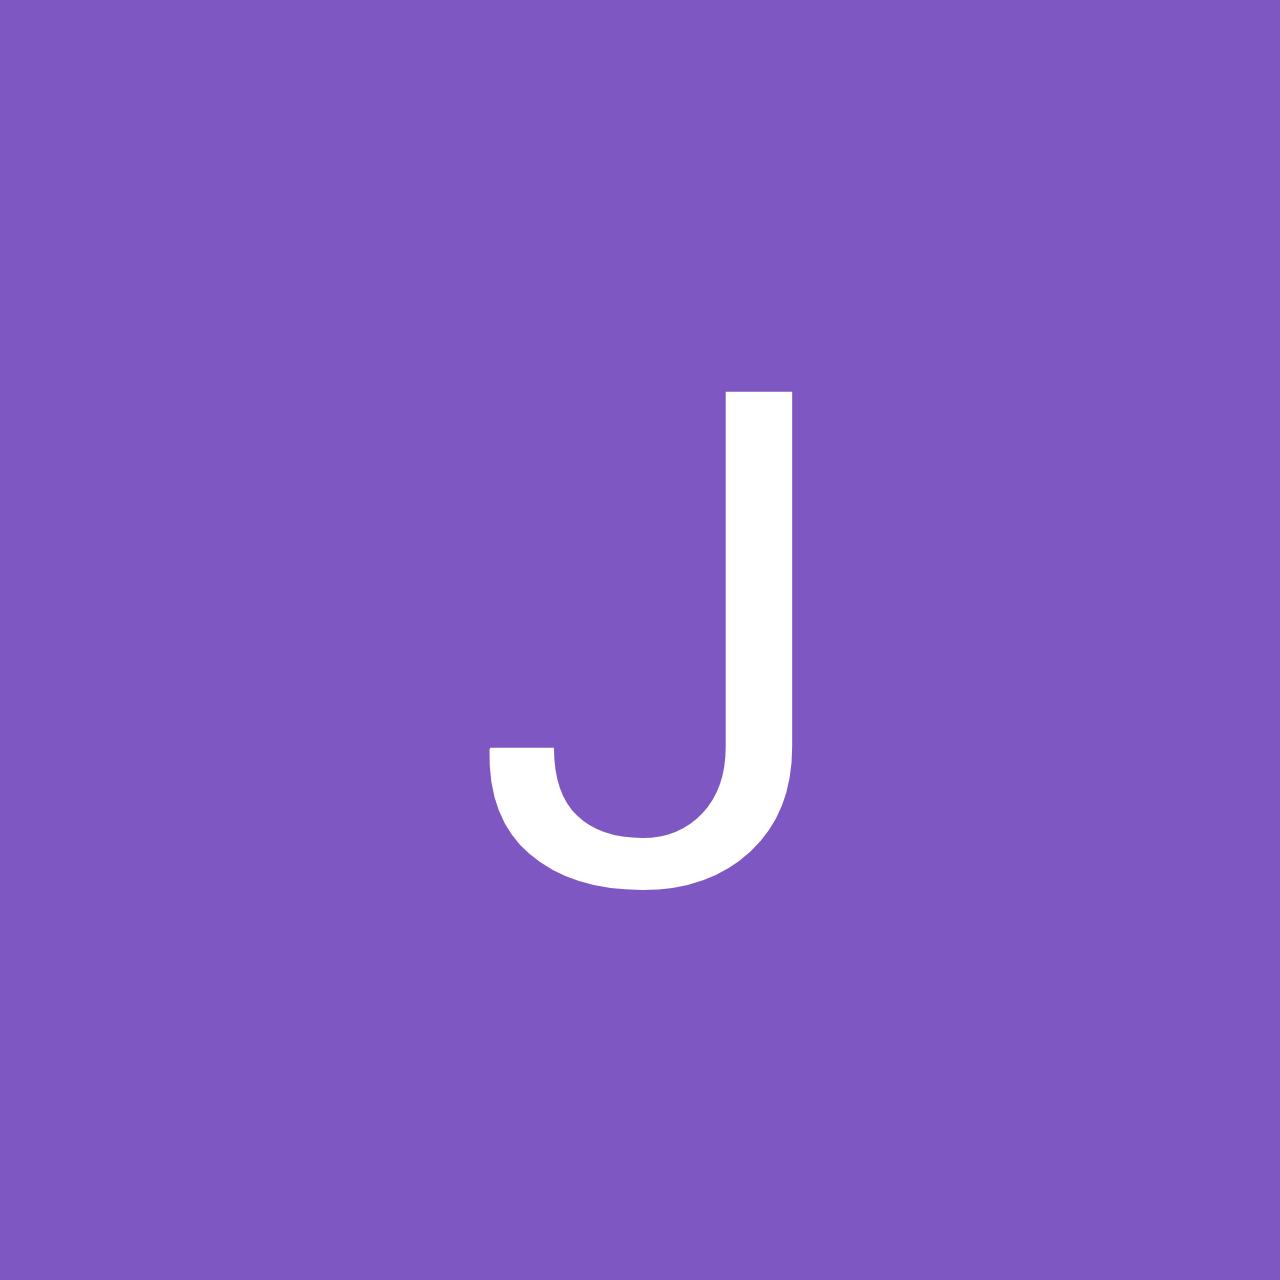 Javiz_2oh9